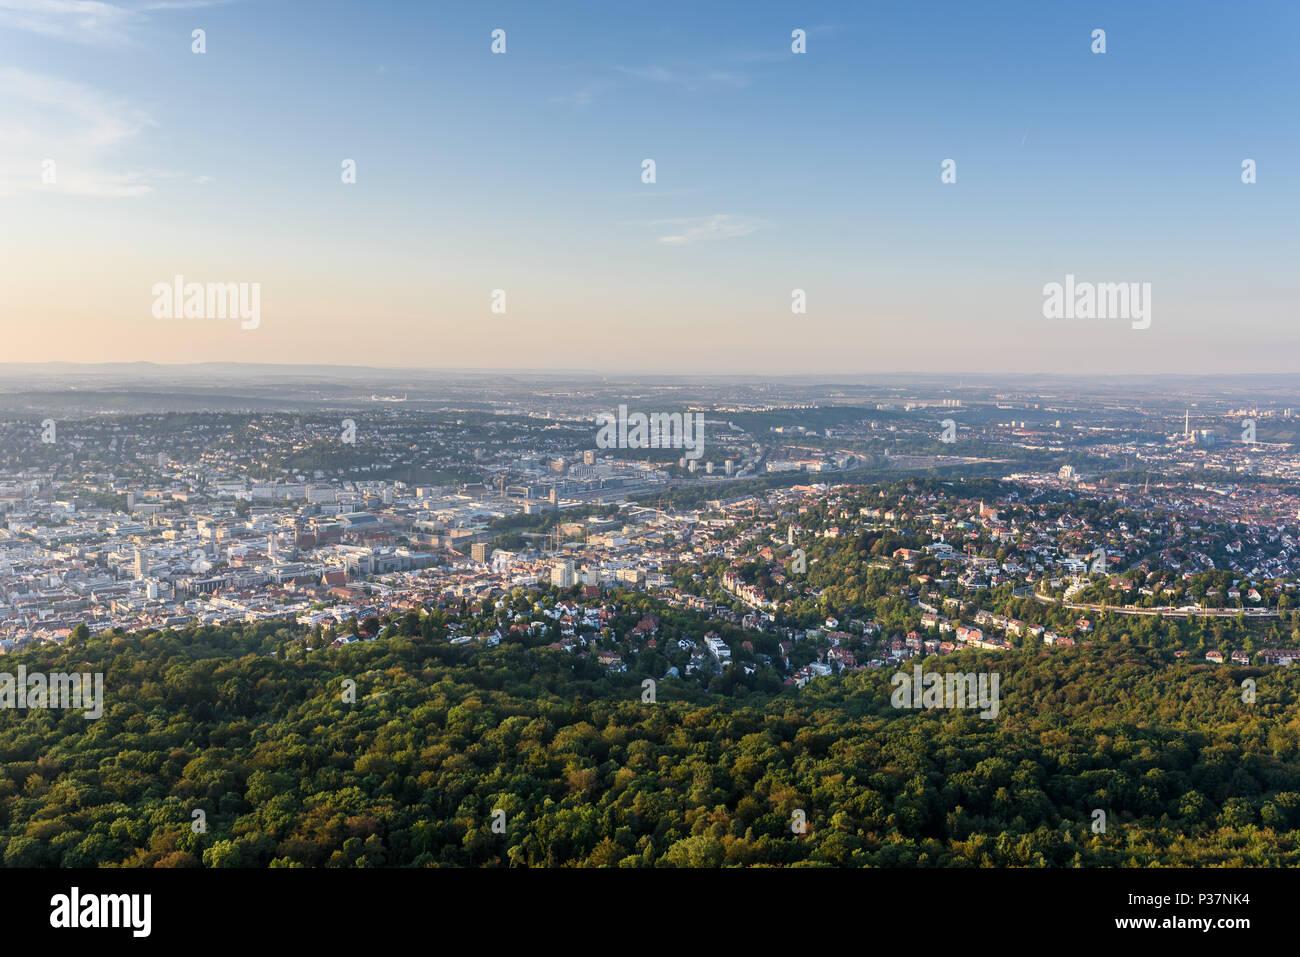 Vista a cidade de Stuttgart na Alemanha - bela paisagem no verão Imagens de Stock